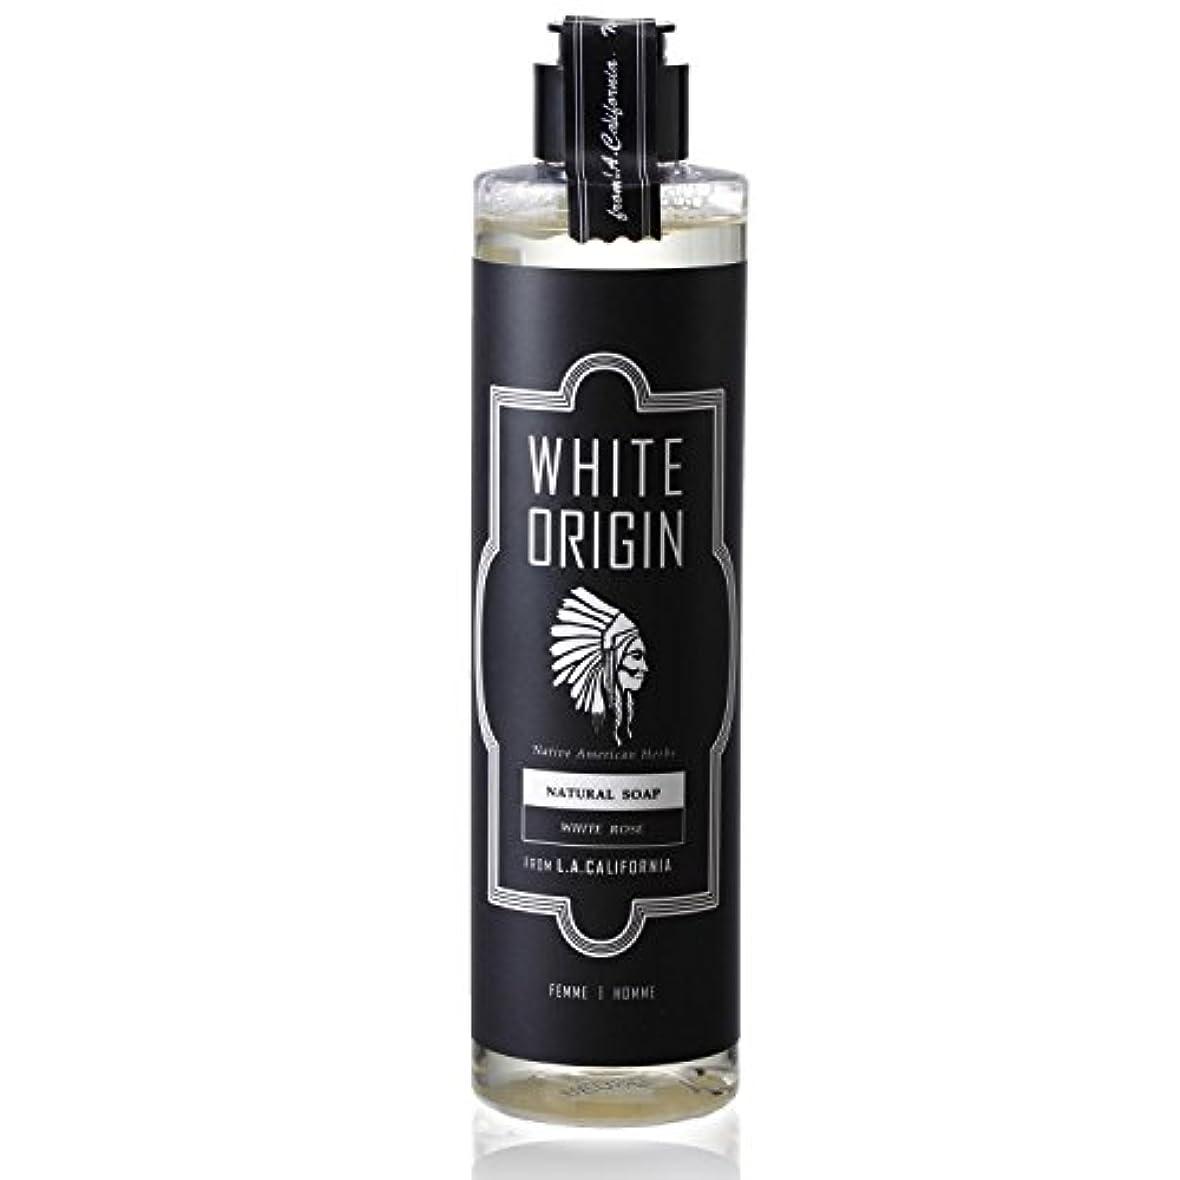 センターめ言葉ぬるいWHITE ORIGIN ボディソープ 300ml 加齢臭 ケア オーガニック ナチュラル 男前 乾燥 ホワイトローズ